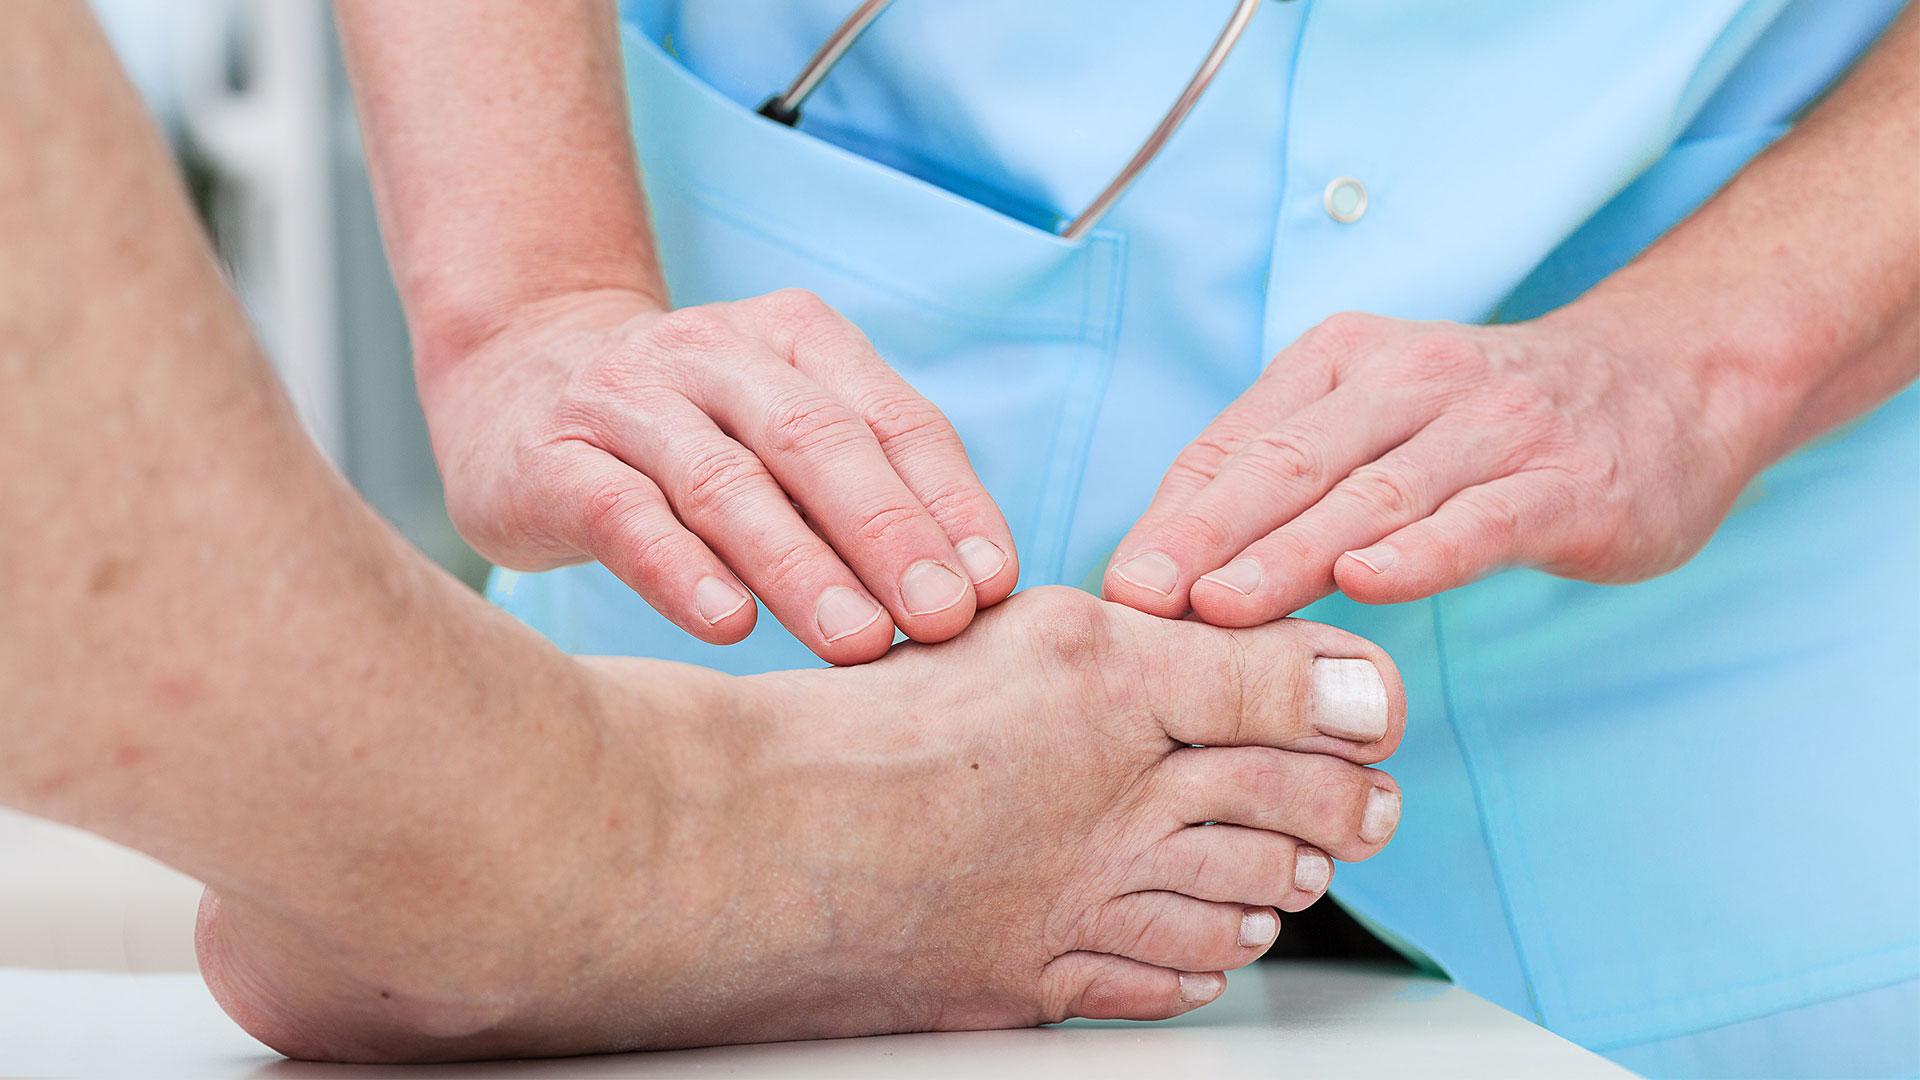 Что делать если палец на ноге распух и покраснел без причины